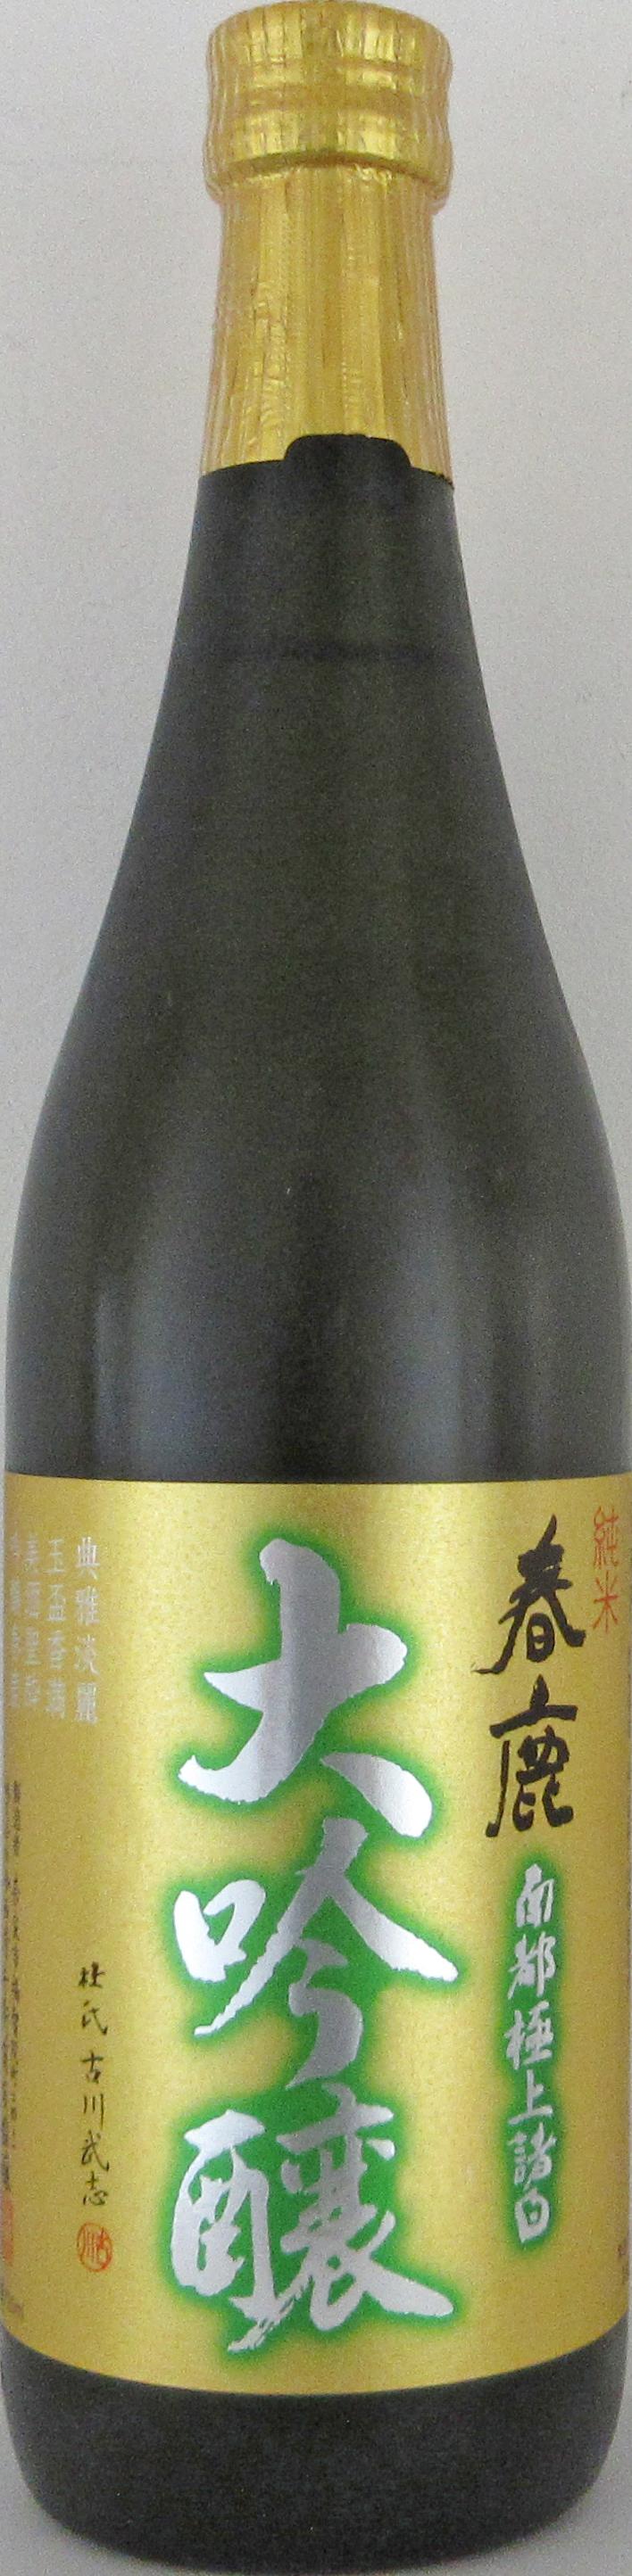 株式会社今西清兵衛商店 純米大吟醸酒 春鹿 春鹿 純米大吟醸